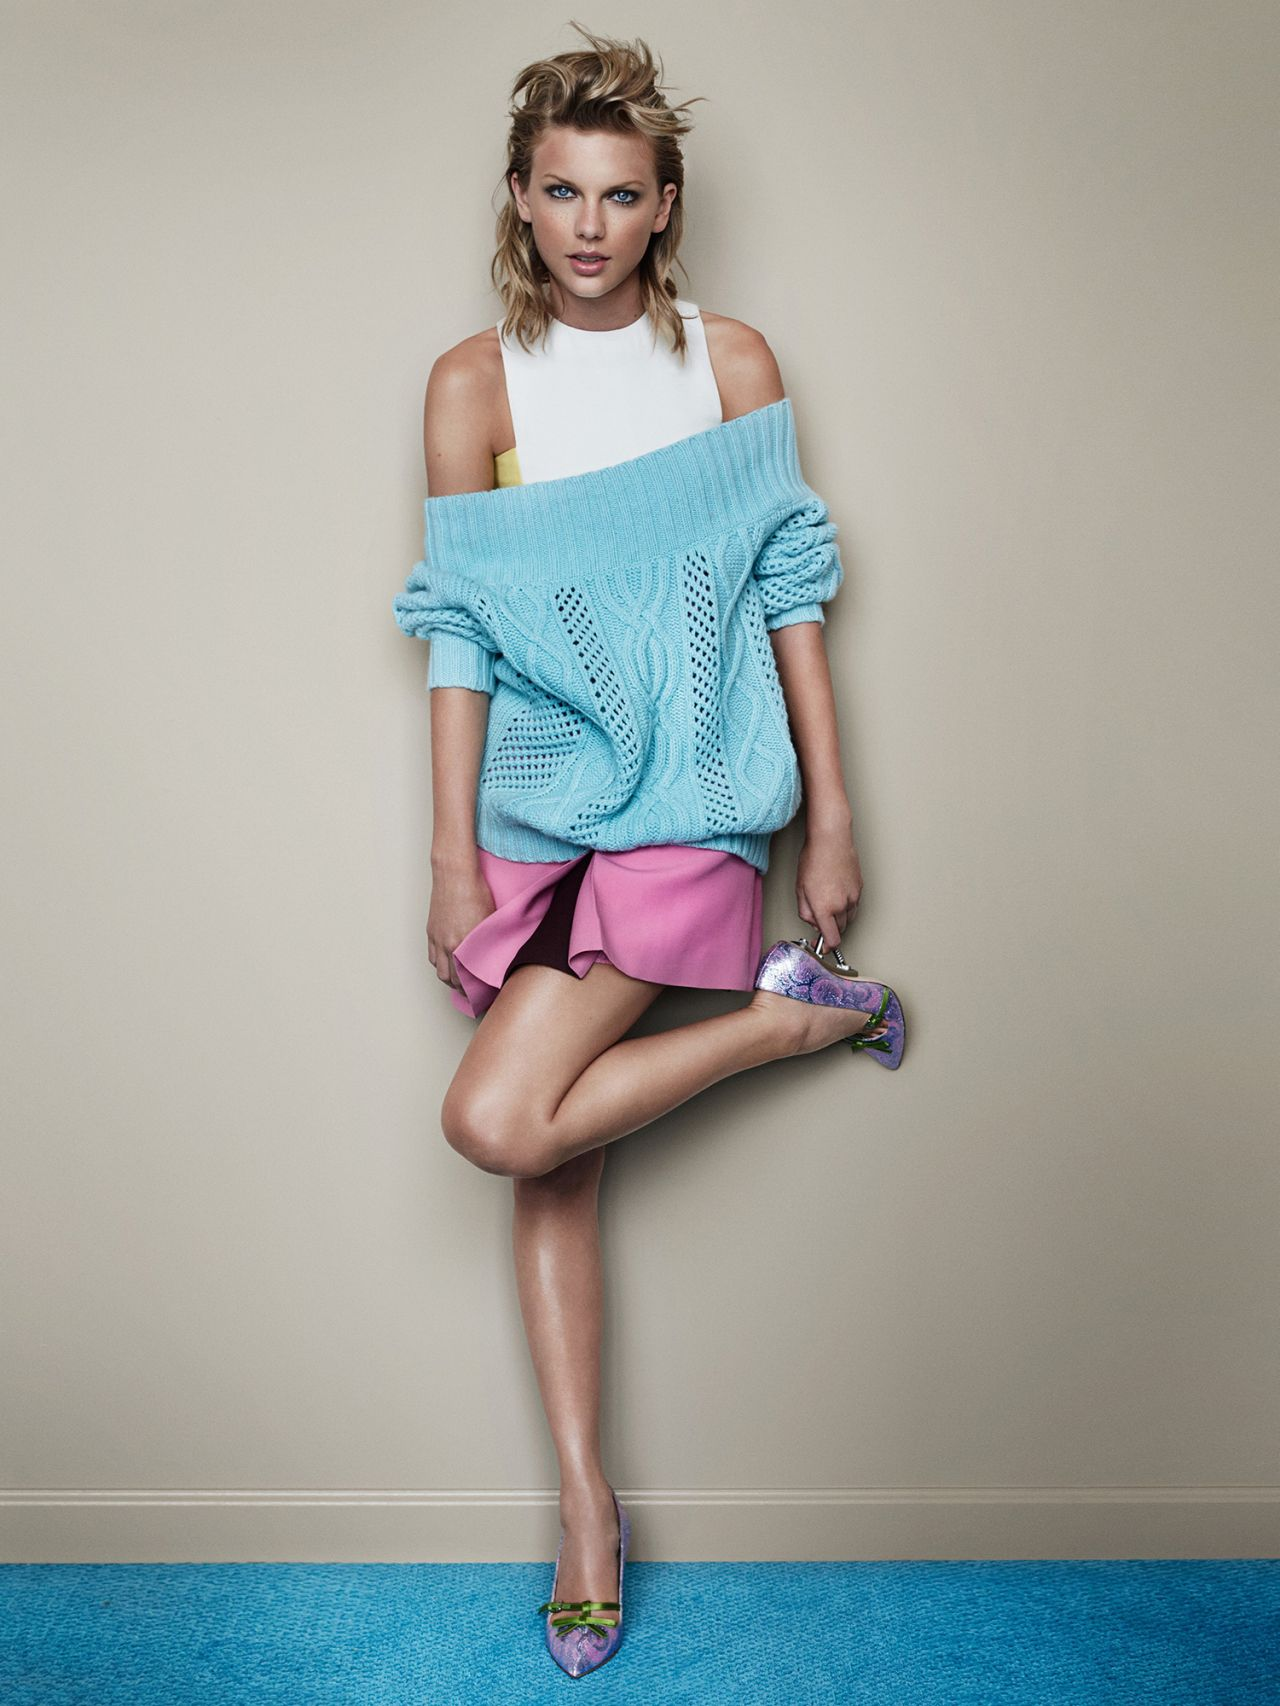 Taylor Swift – Vogue Magazine (UK) – November 2014 Photoshoot